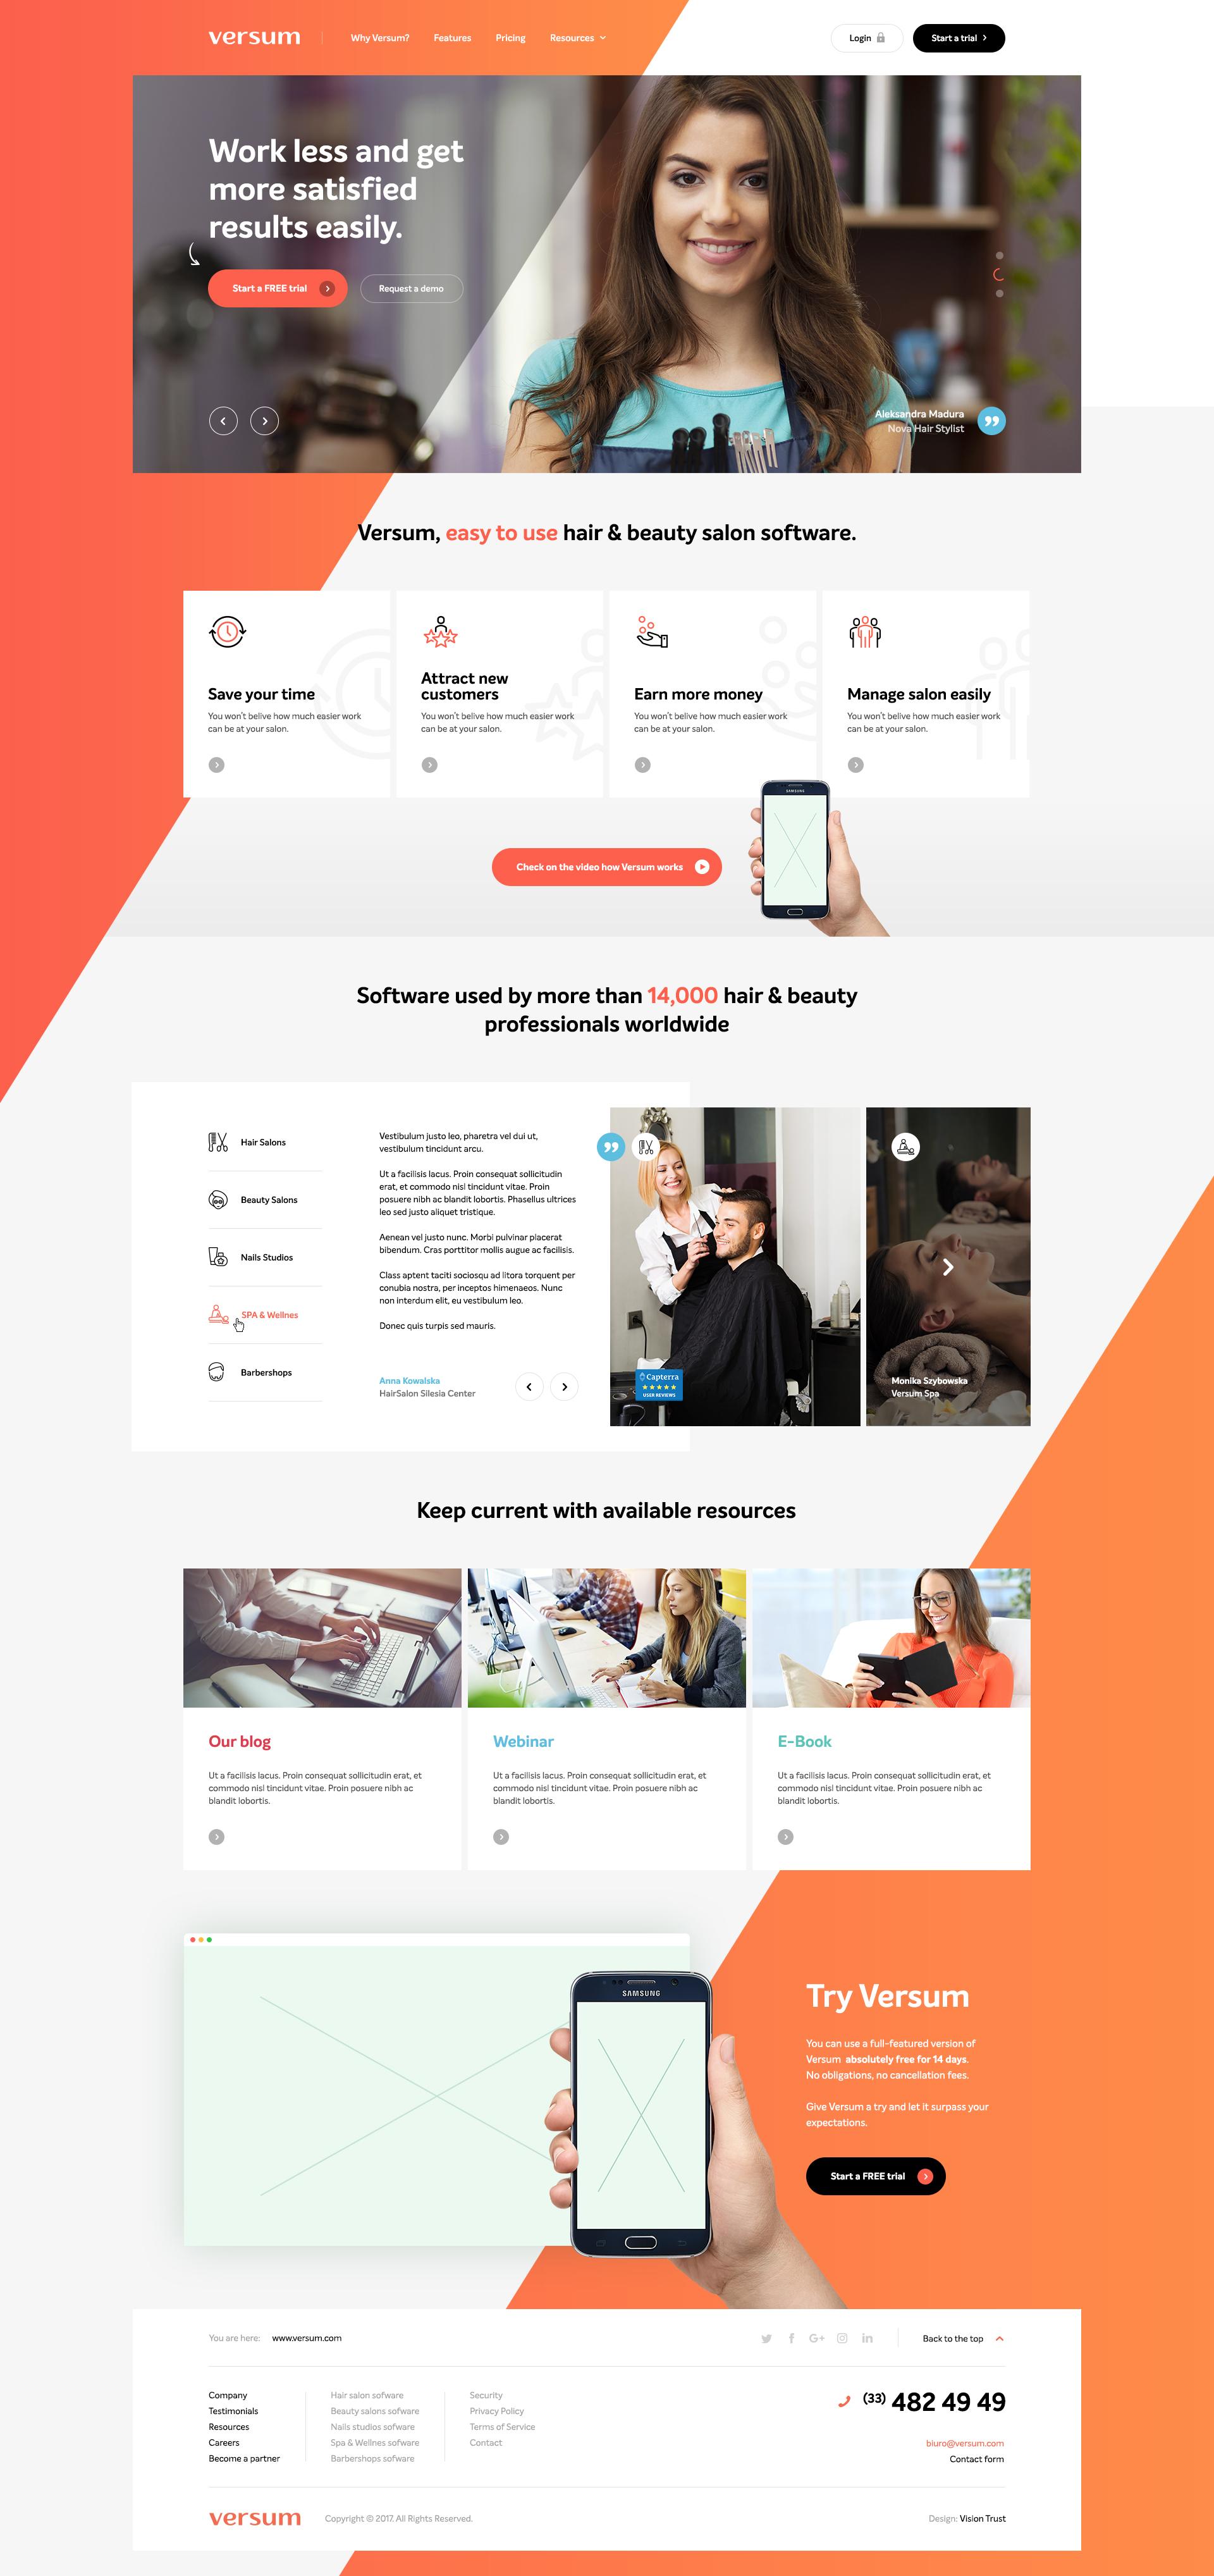 Versum home | web | Pinterest | Salon software, Website designs and ...